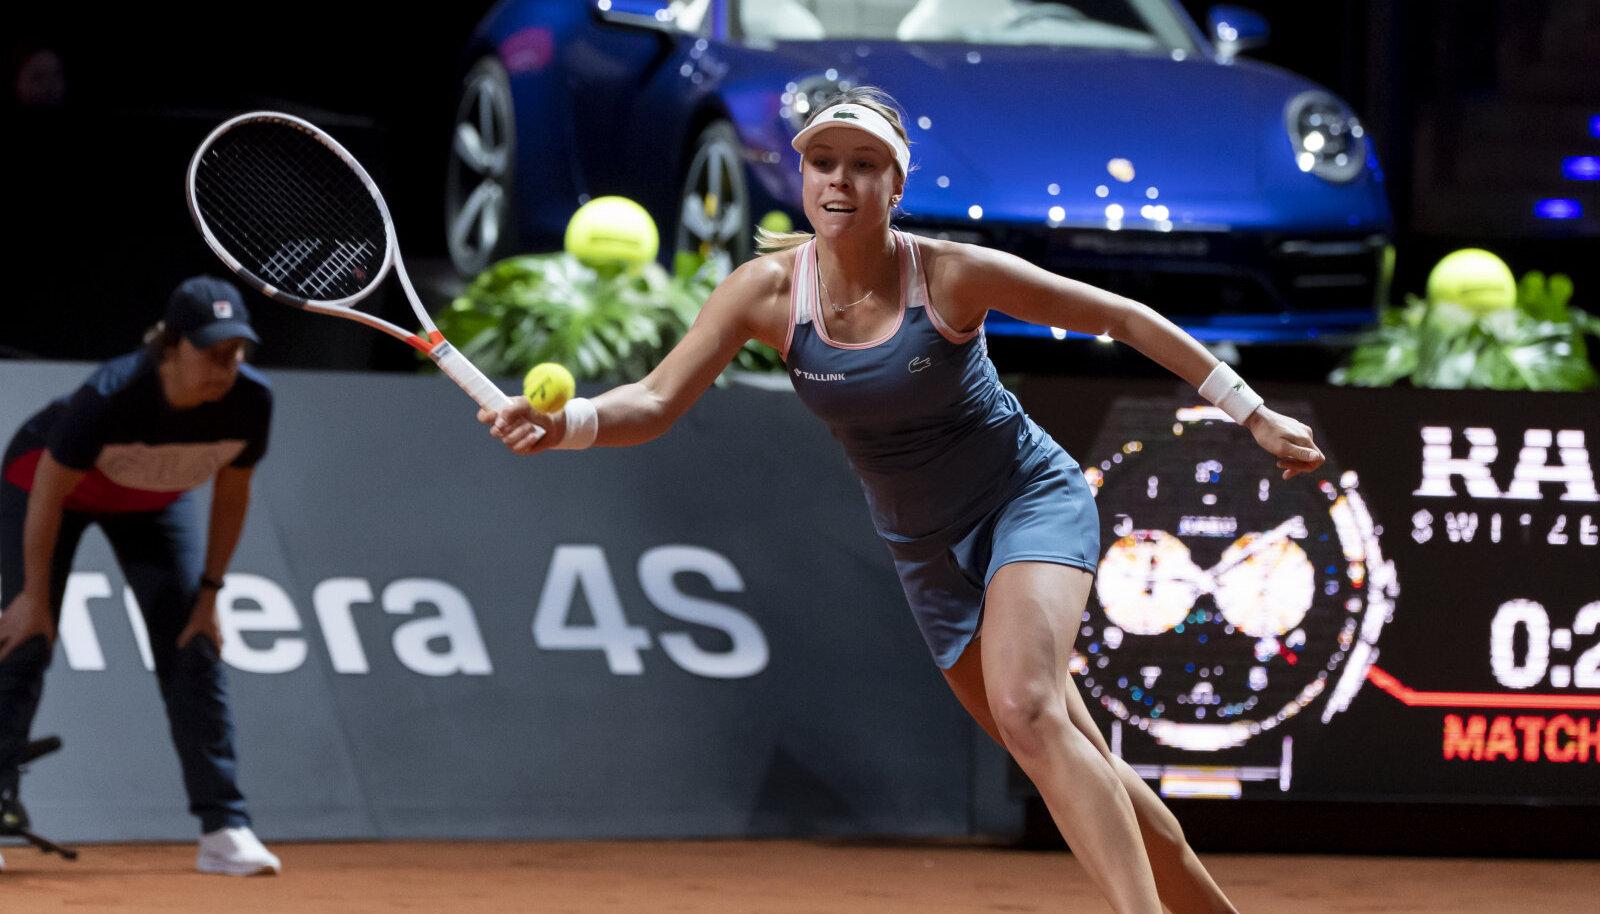 Anett Kontaveit 2019. aasta Stuttgarti finaalis Petra Kvitova vastu.